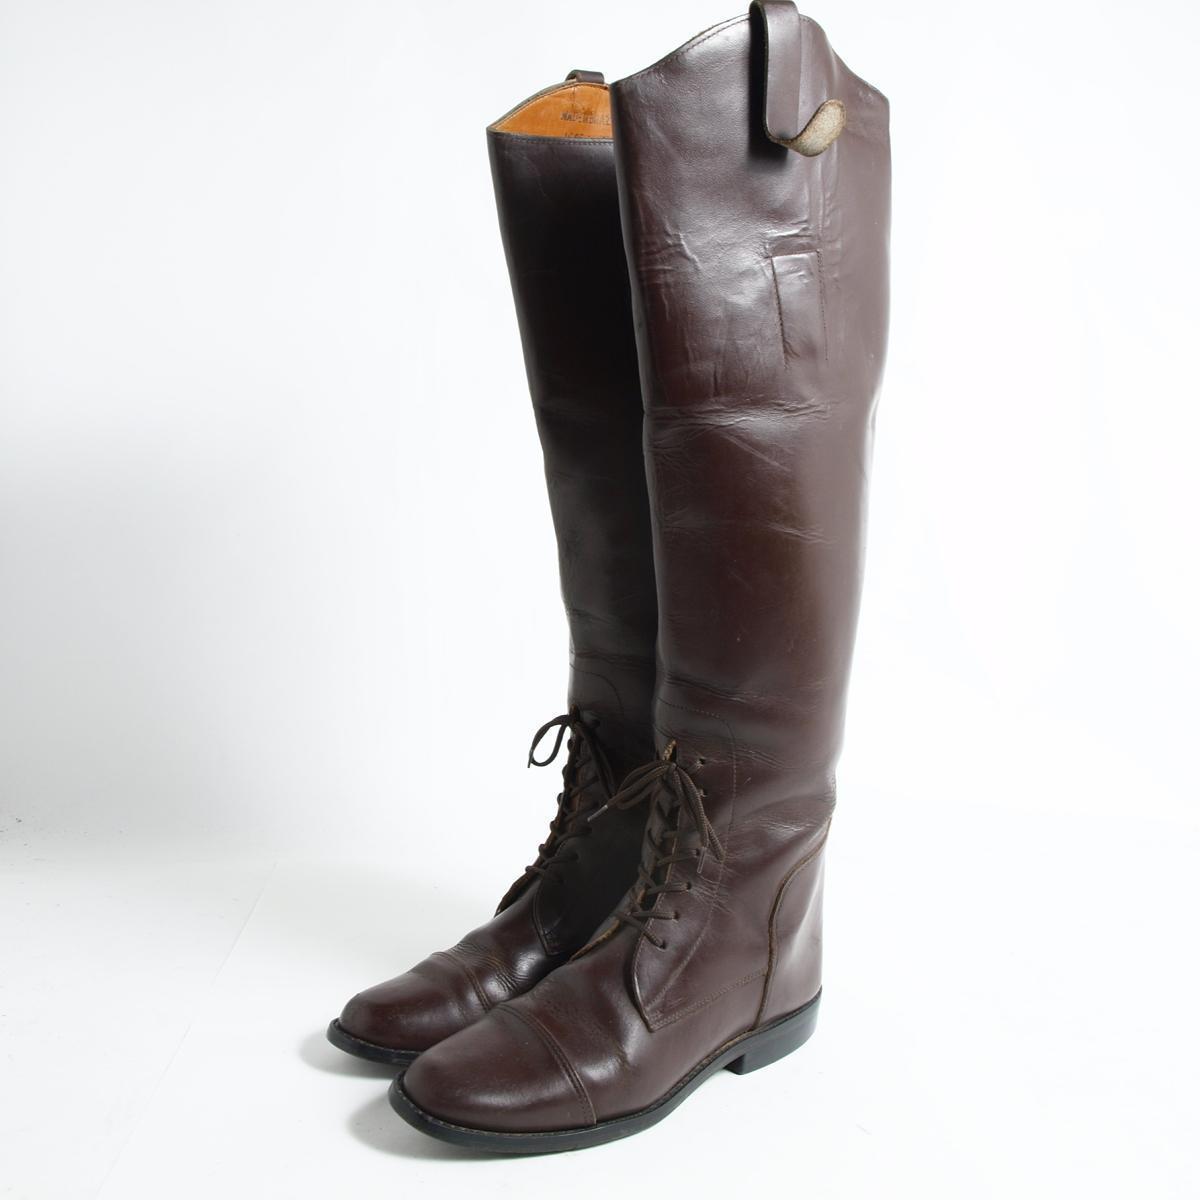 ジョッキー乗馬ブーツ 5.5M レディース23.5cm /bok4230 【中古】【古着屋JAM】 【161126】【SS1903】